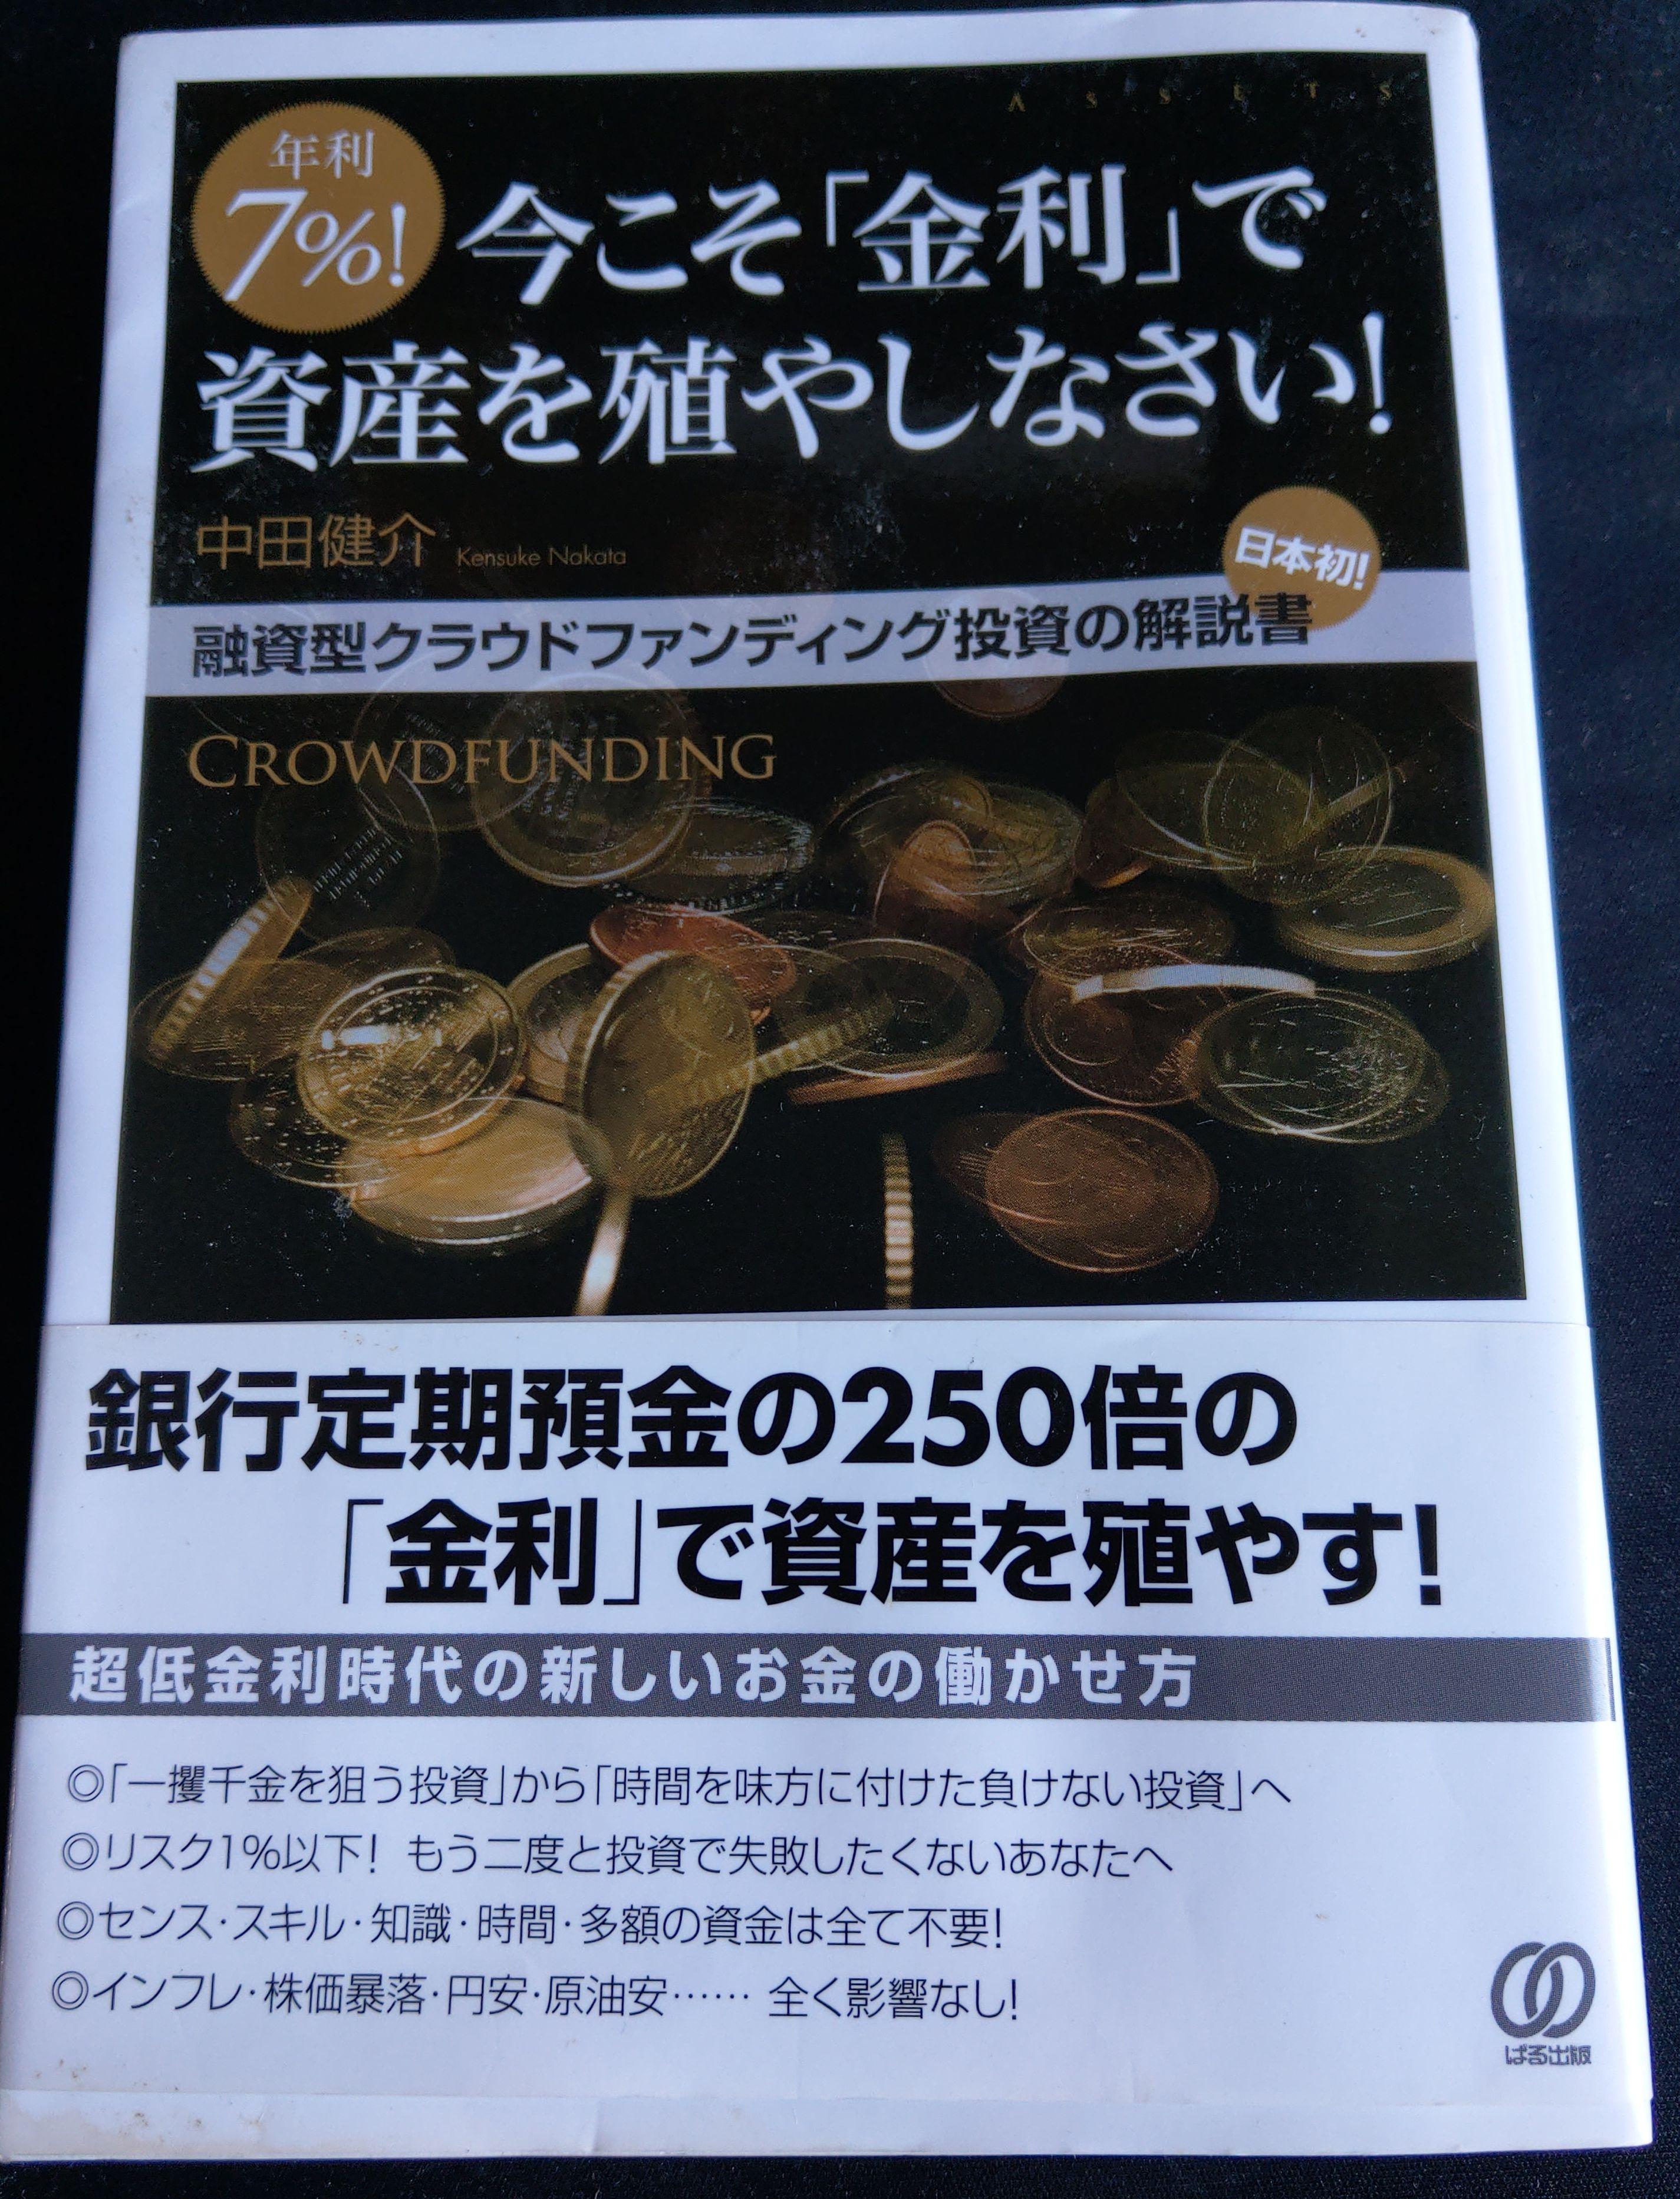 中田健介(けにごろう)さん、「年利7%! 今こそ「金利」で資産を殖やしなさい!」03